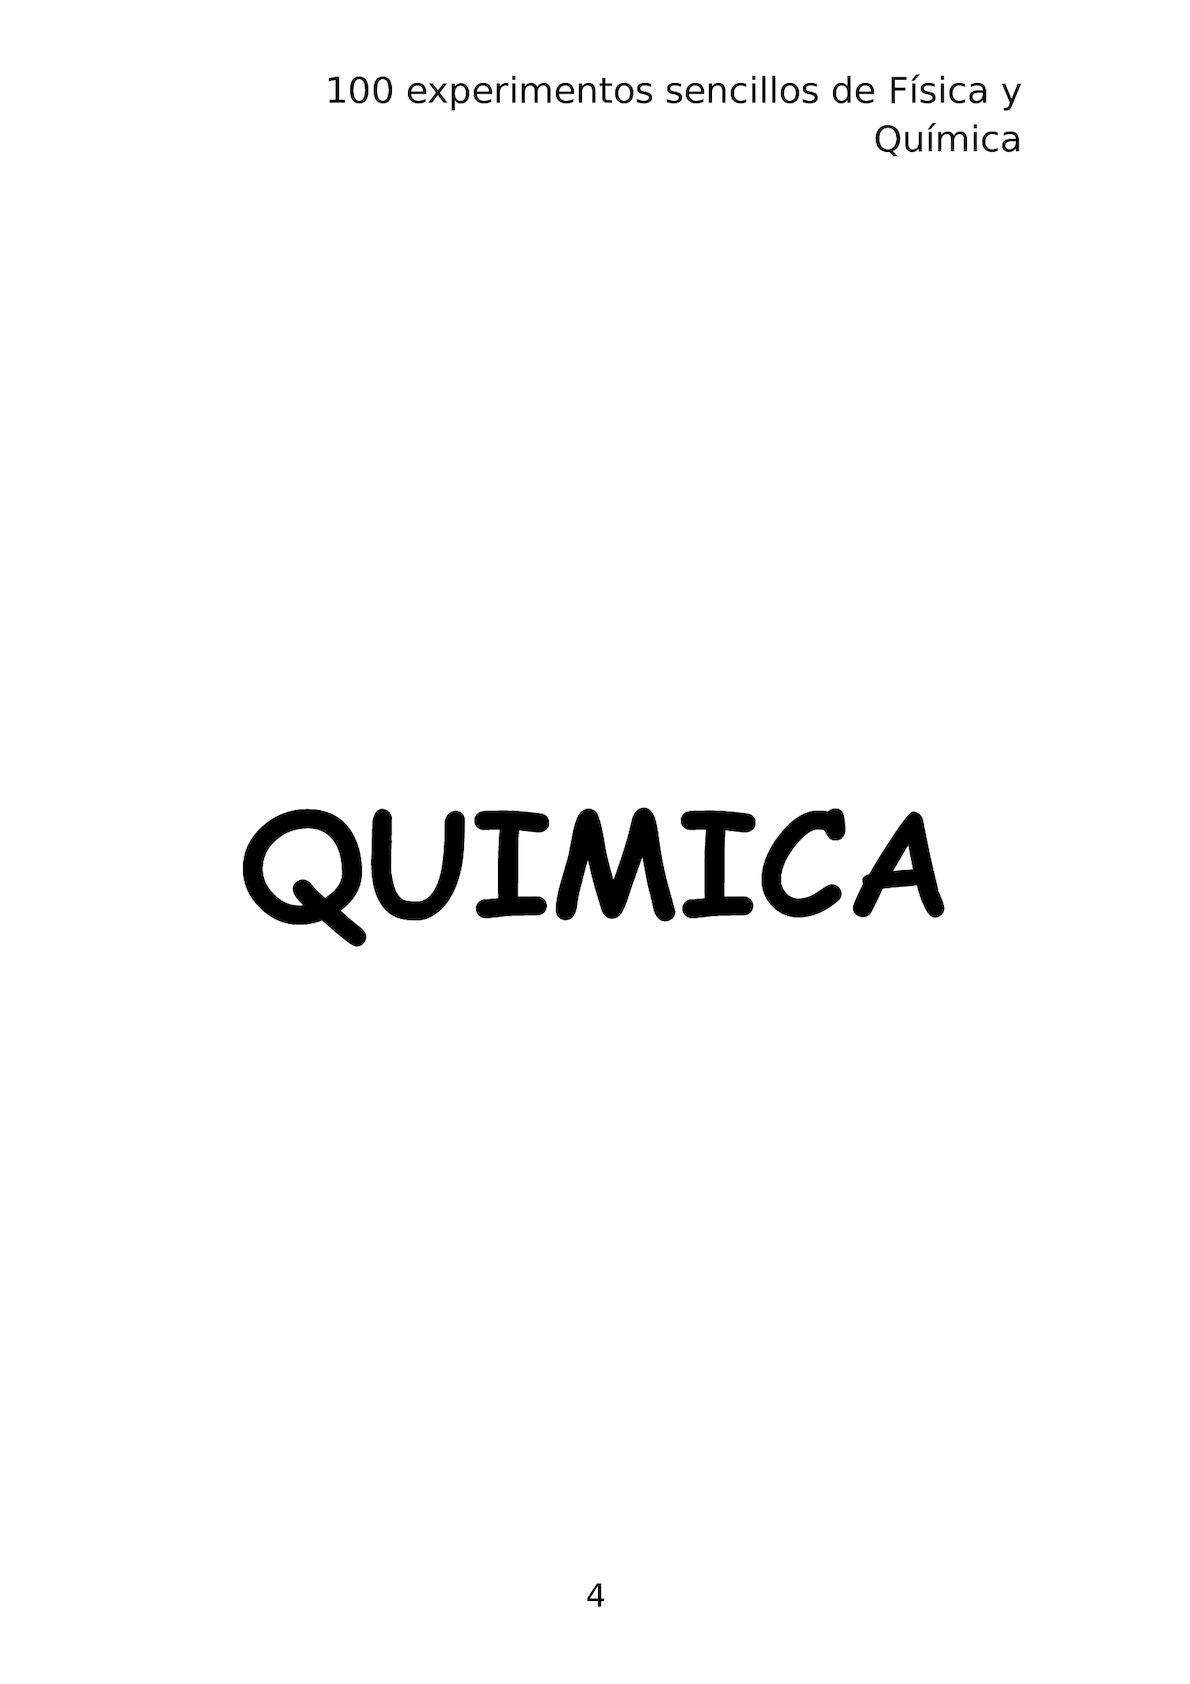 Libro Experimentos Sencillos De Fisica Y Quimica - CALAMEO Downloader